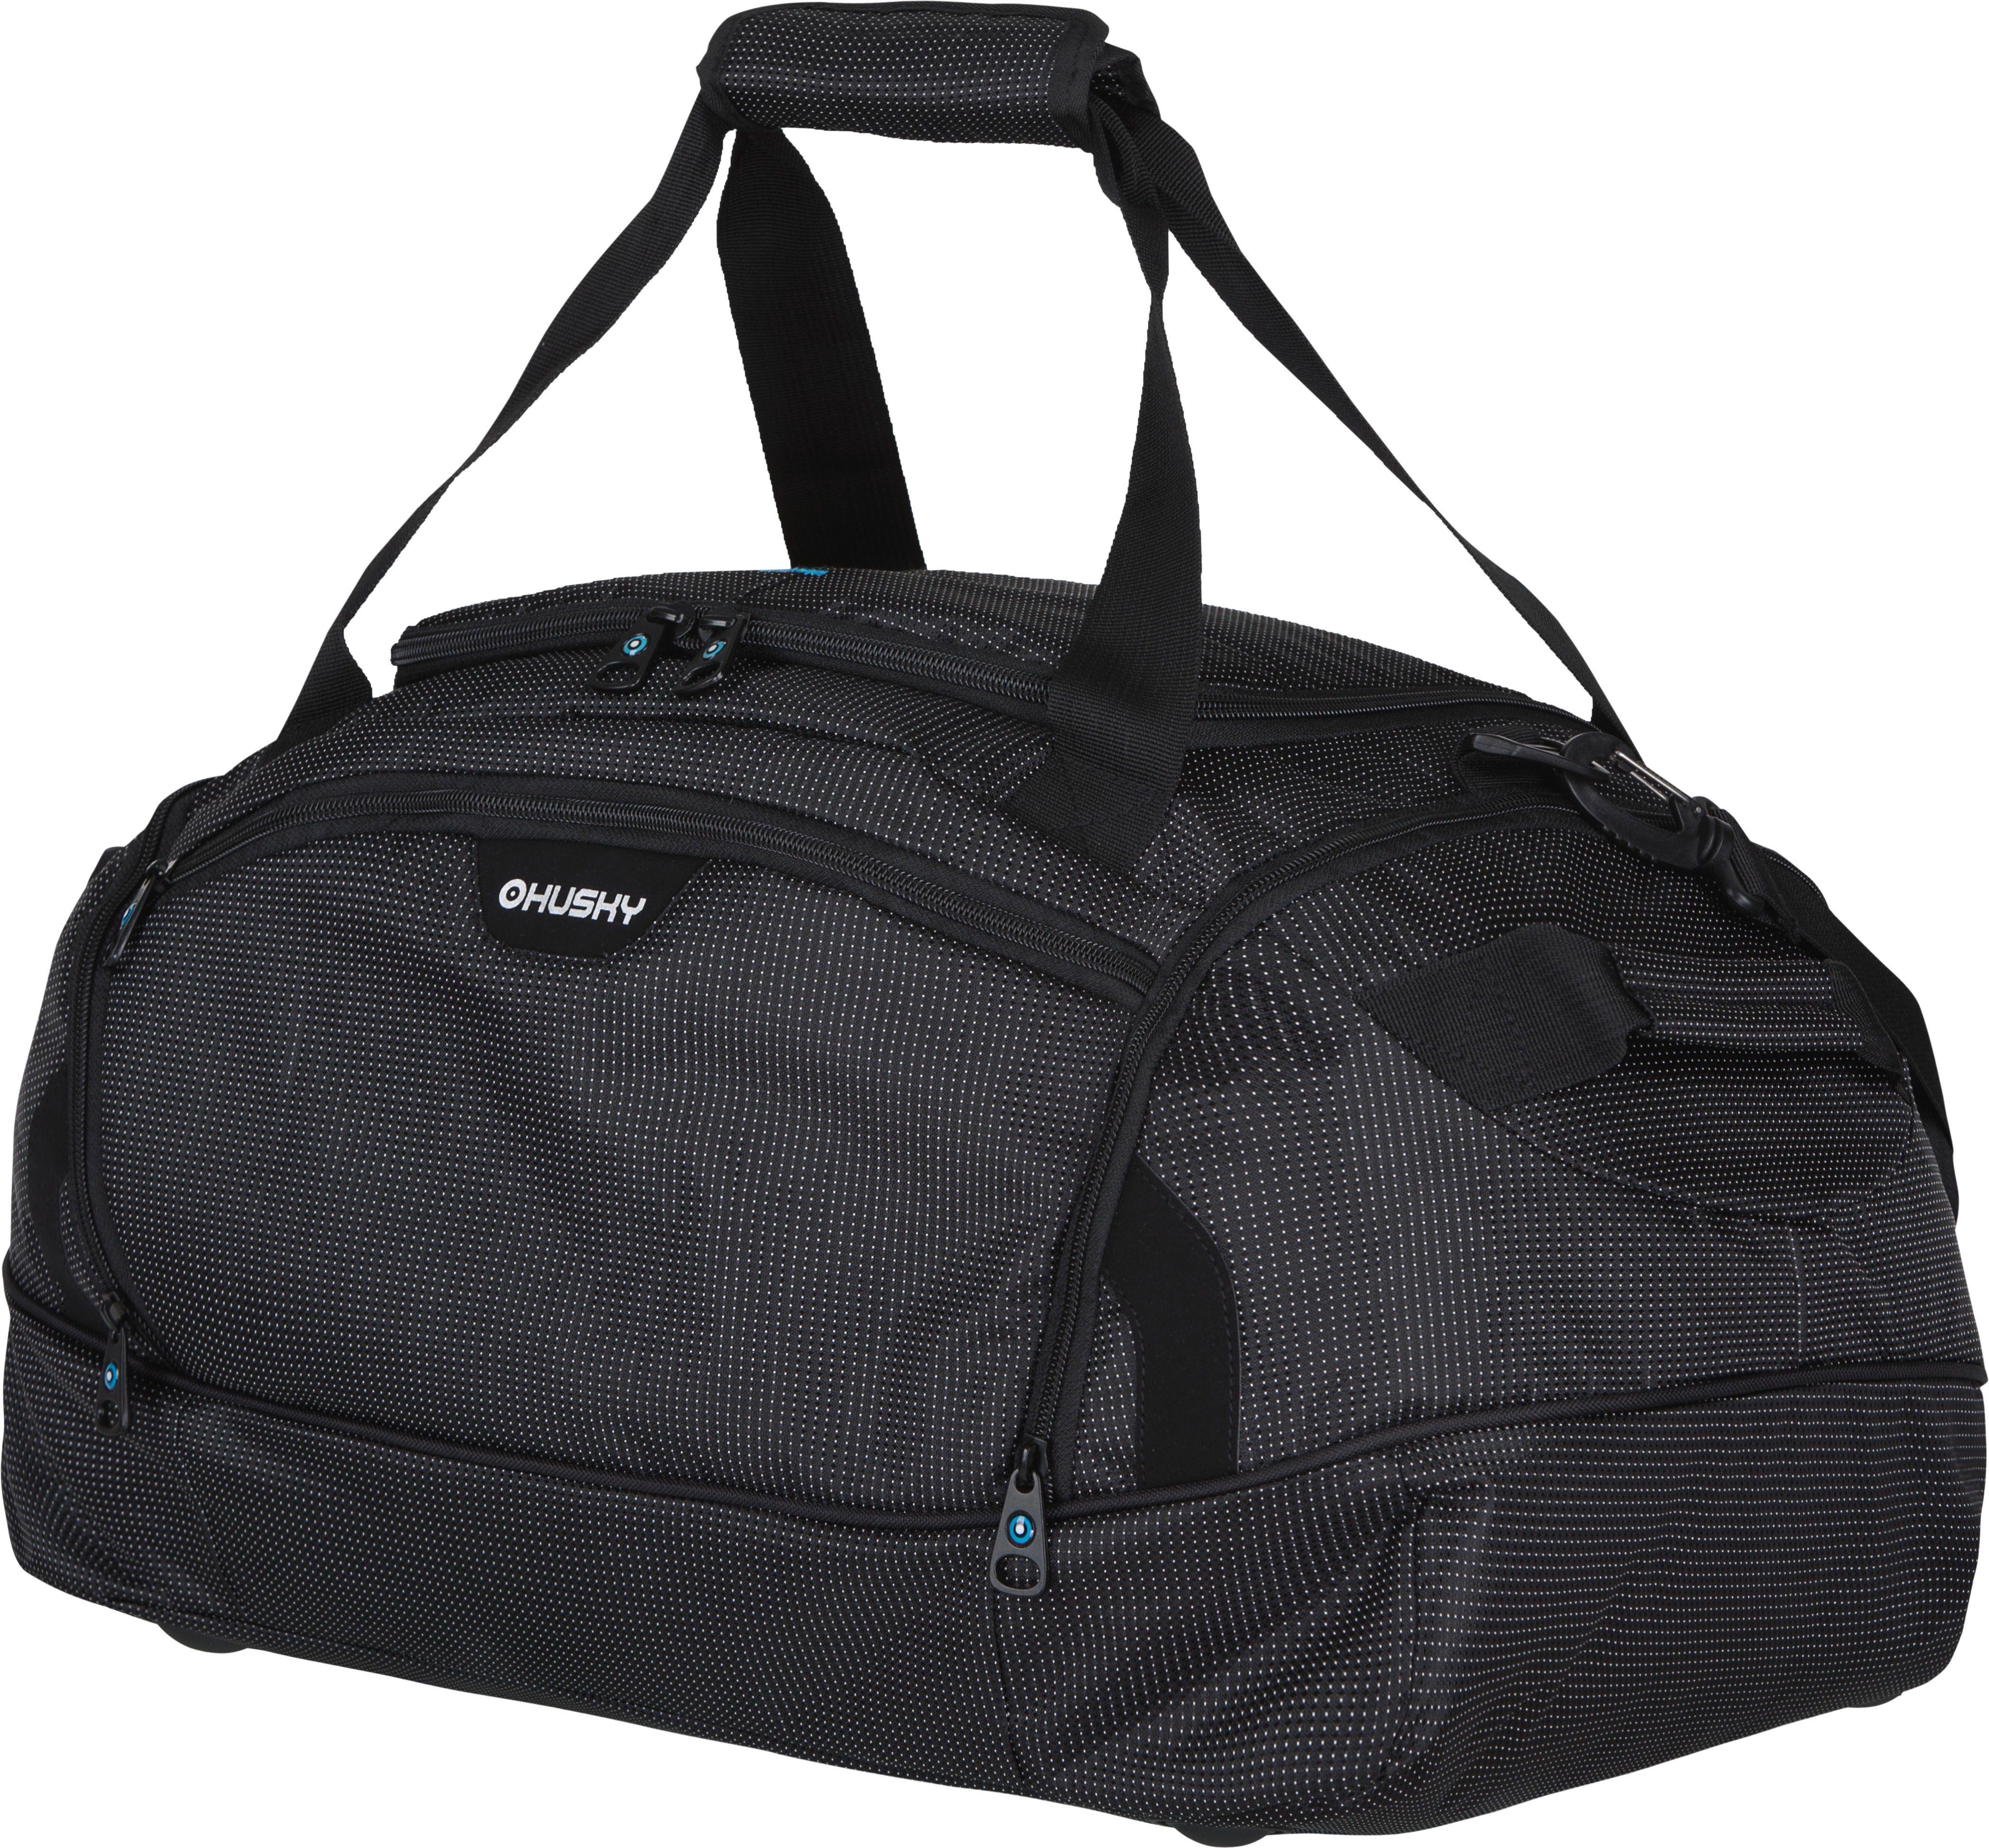 Сумка спортивная Husky Grape 60 L, цвет: черныйУТ-000048761Комфортная и практичная спортивная сумка Grape 60 L.Особенности модели: Водонепроницаемая ткань, Два боковых кармана, Внутренний органайзер, Съемный наплечный ремень.